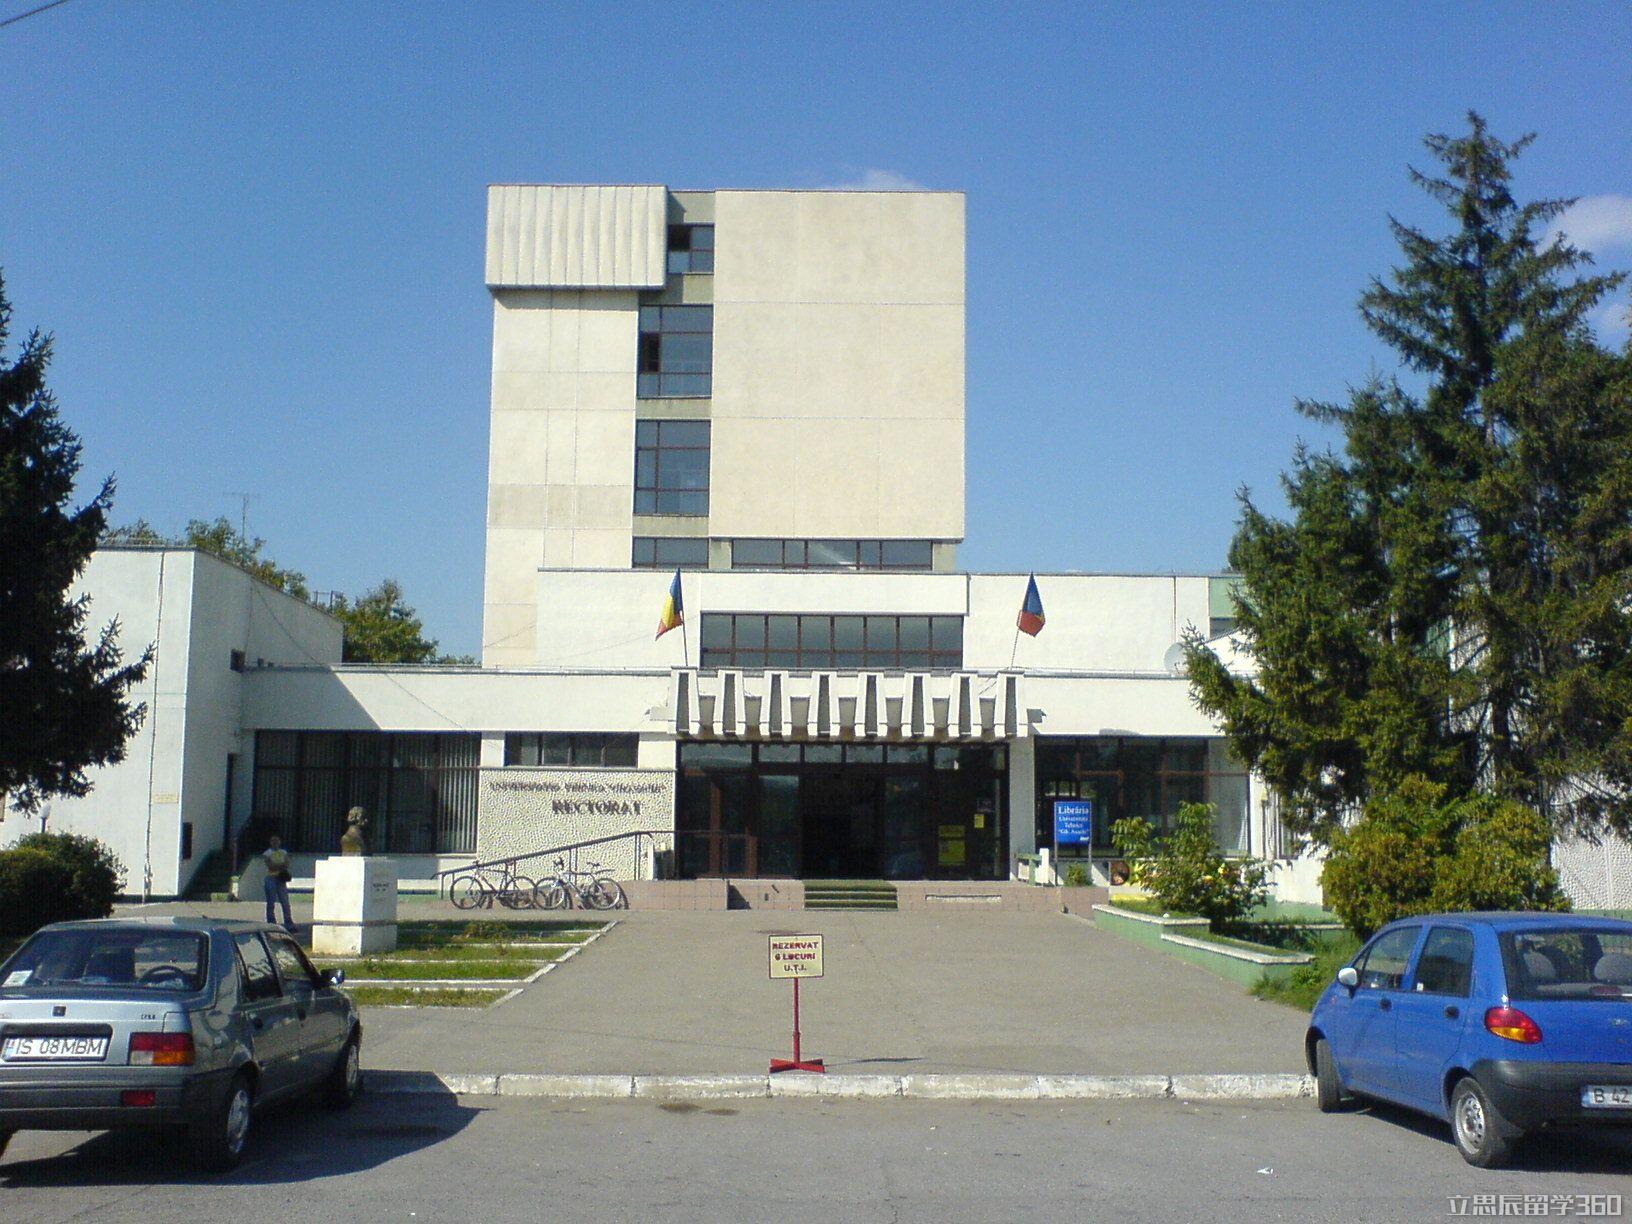 自2005年4月,該校有以下系(學院):   1. 人文   2. 數學與自然科學   3. 過程科學   4. 電子工程和計算機科學   5. 機械工程和運輸   6. 正由土木工程和應用地球科學和建筑、環境、社會整合   7. 建筑、環境、社會   8. 經濟與管理